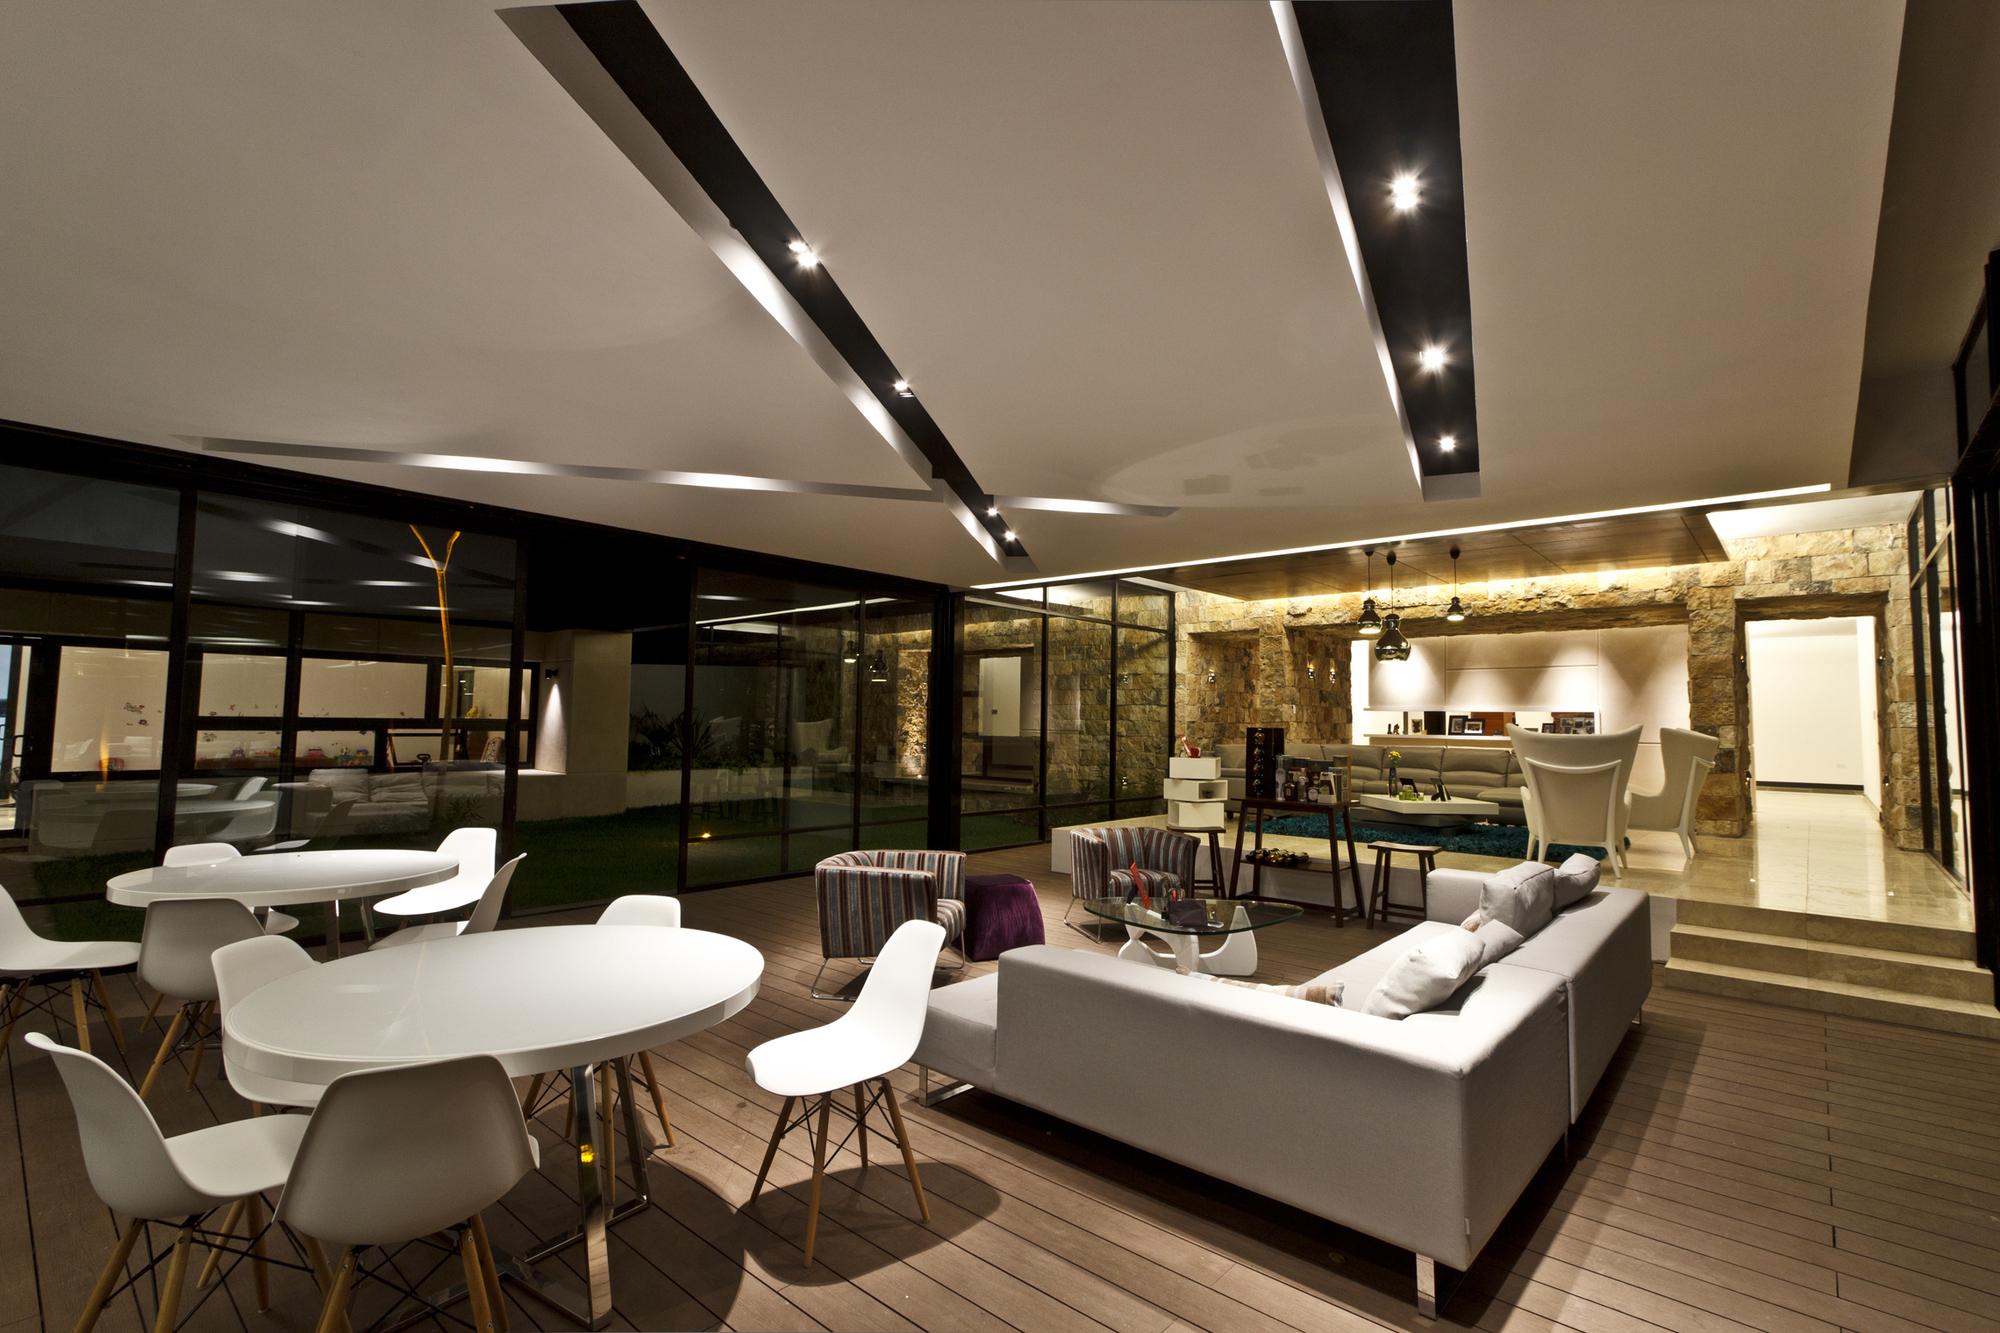 5305f468e8e44ed91b000006_temozon-house-carrillo-arquitectos-y-asociados_temozon_foto_15